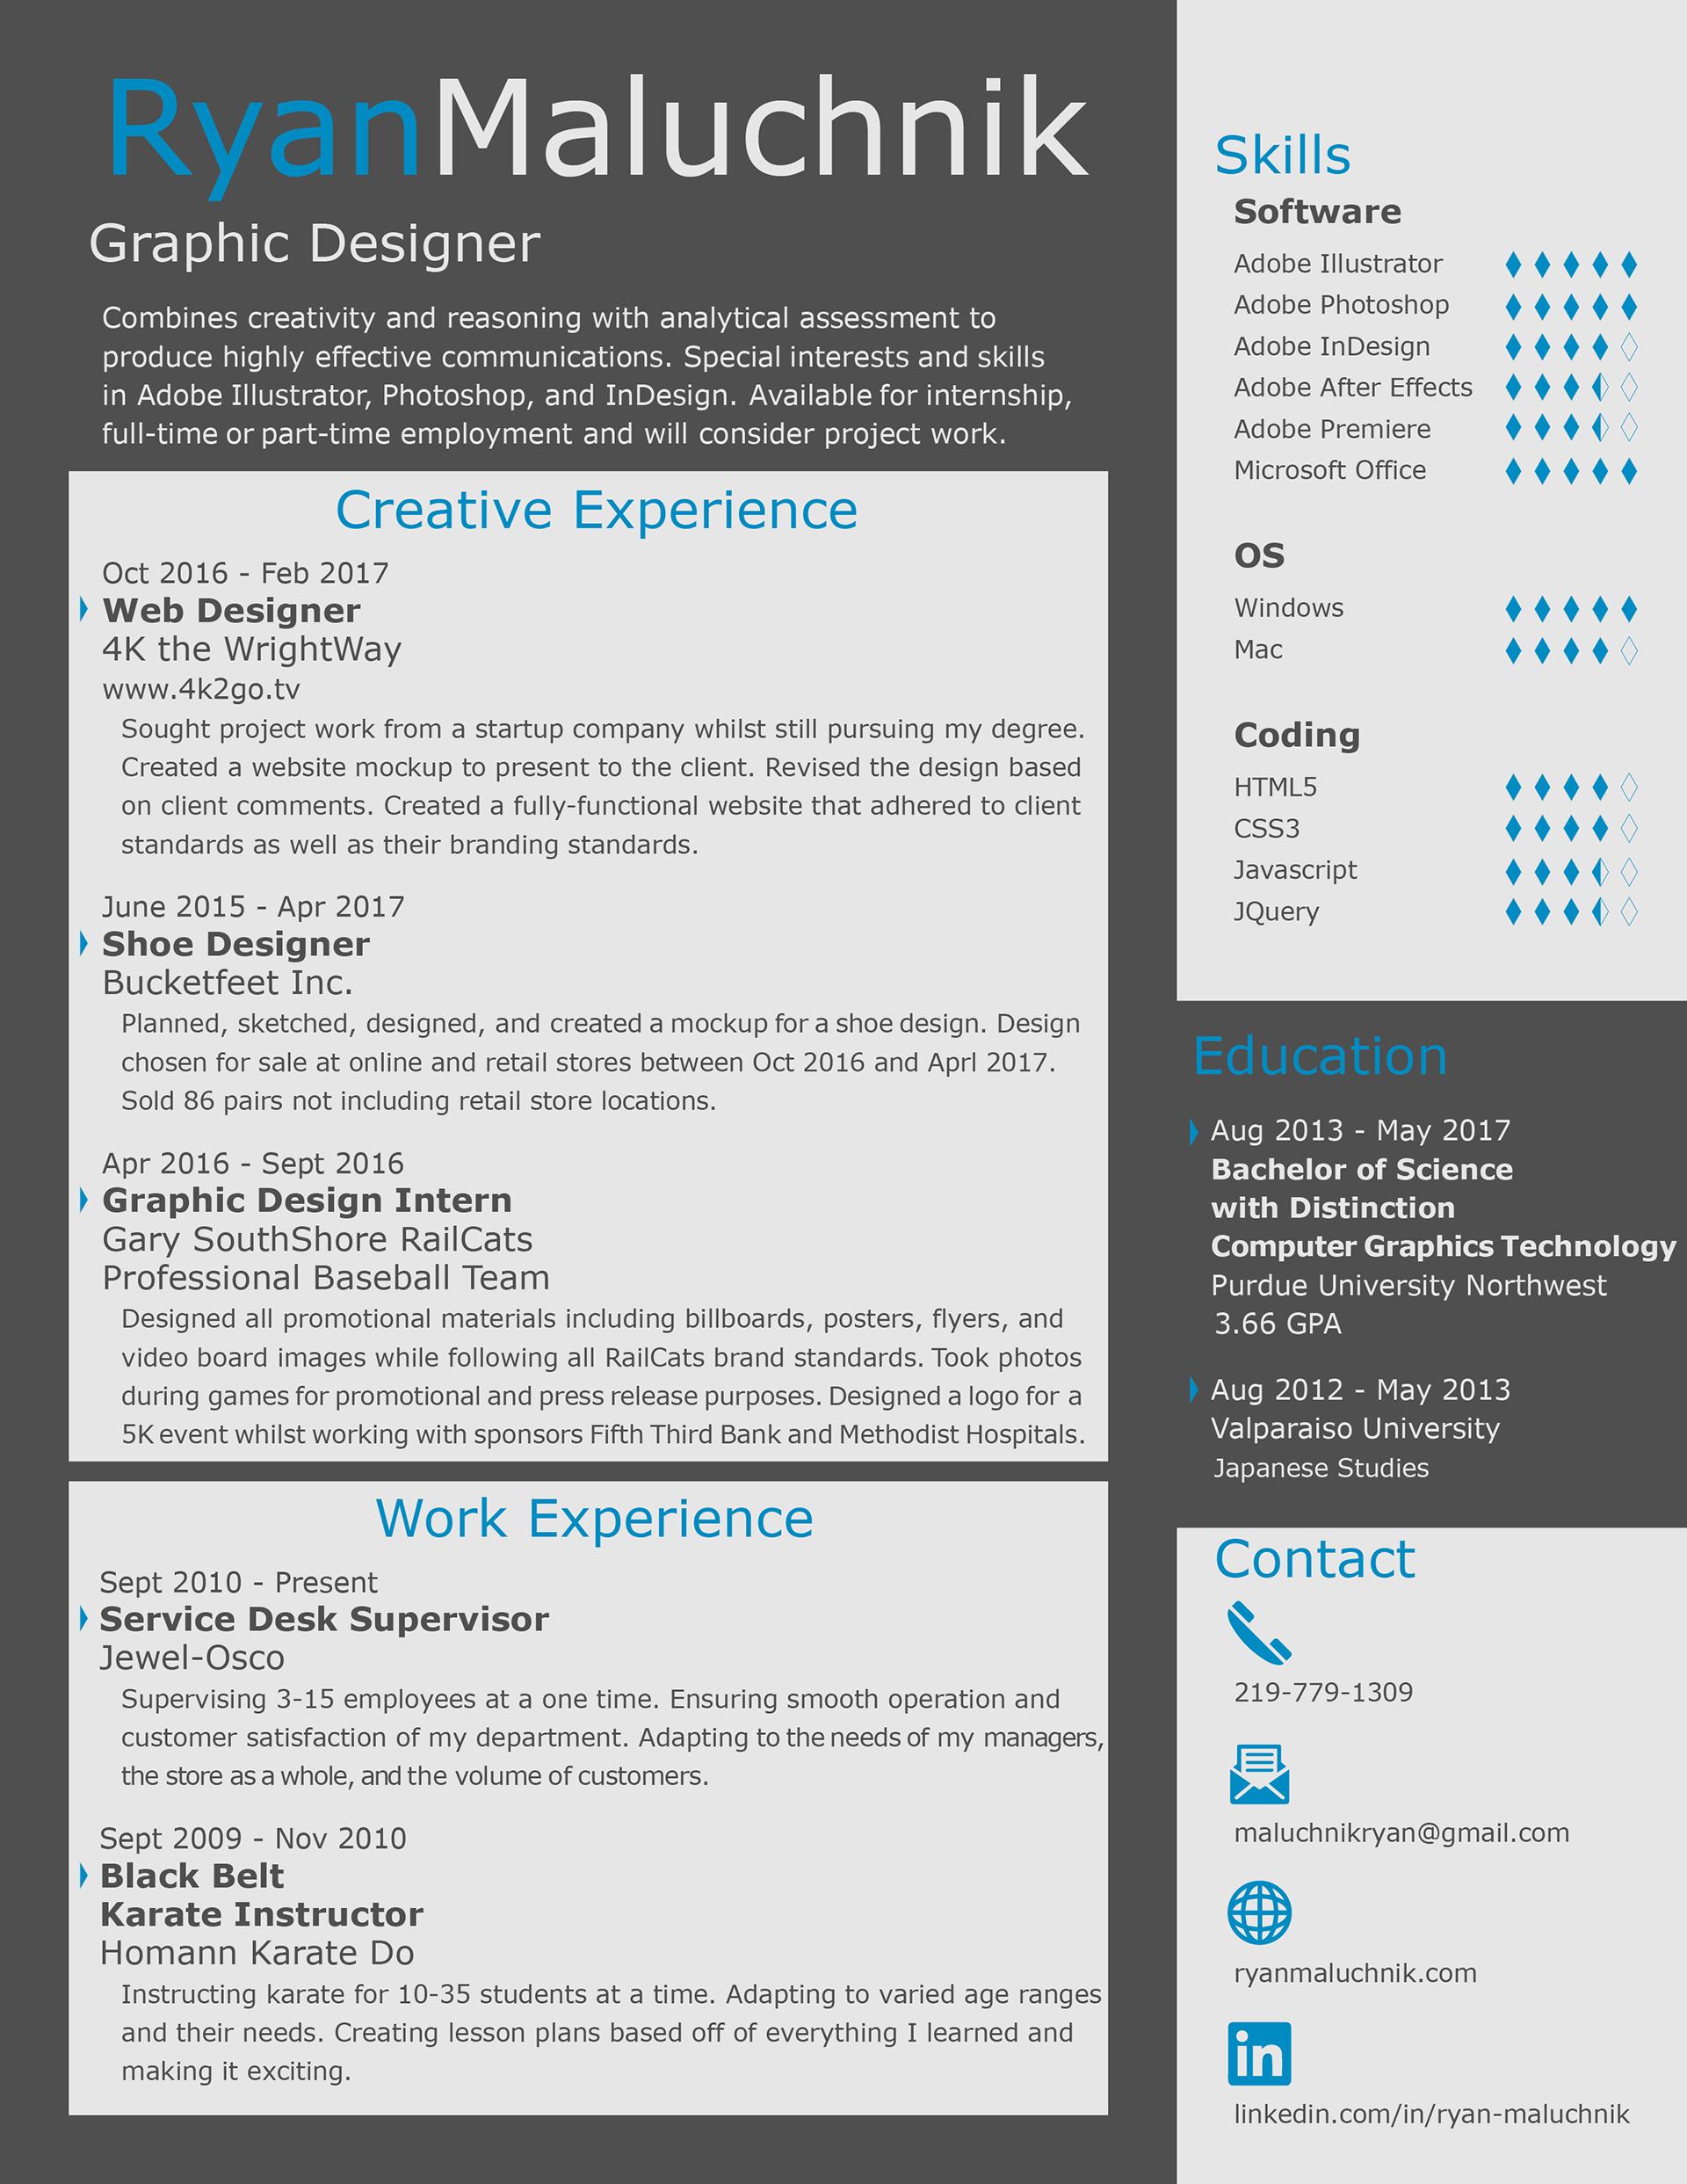 Ryan Maluchnik\'s Portfolio - My Resume